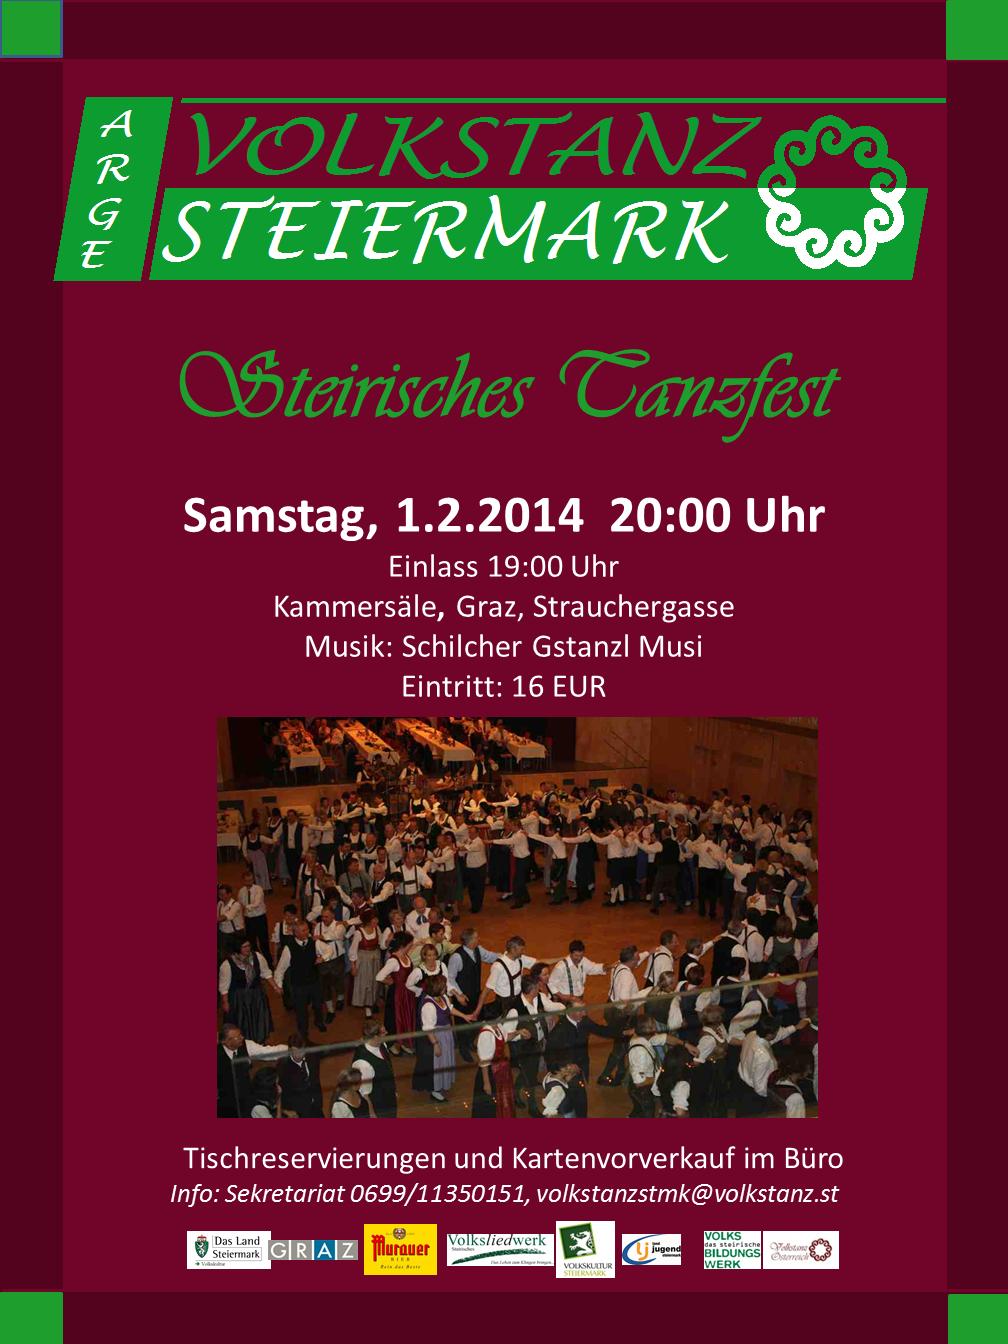 Veitsch speeddating: Treffen in bleiburg - blaklimos.com